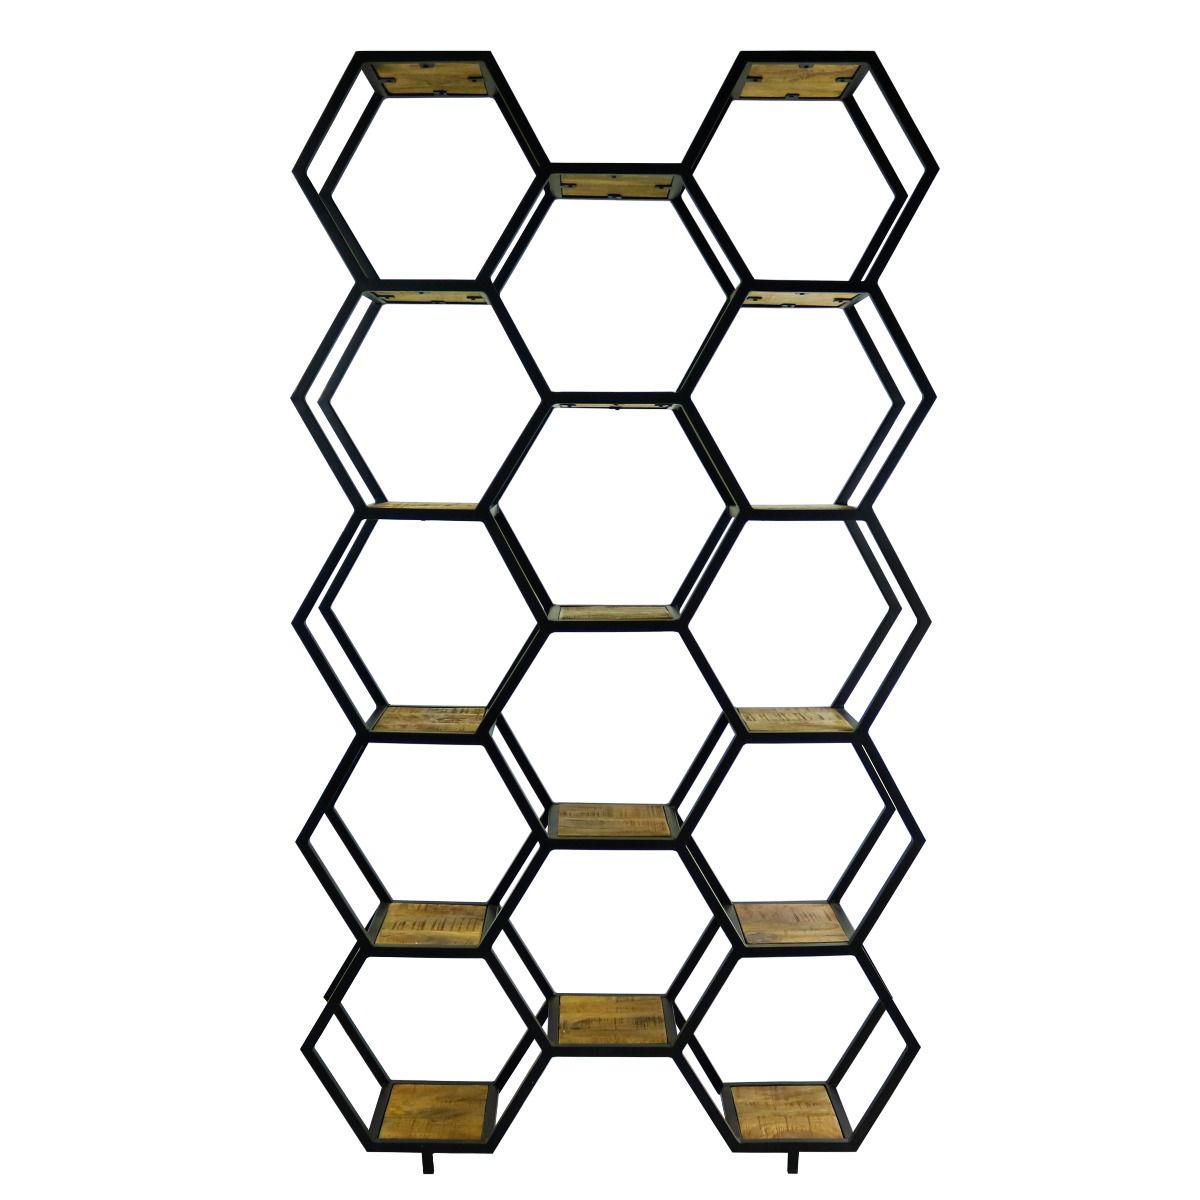 kick-vakkenkast-metal-hexagon-v3.jpg